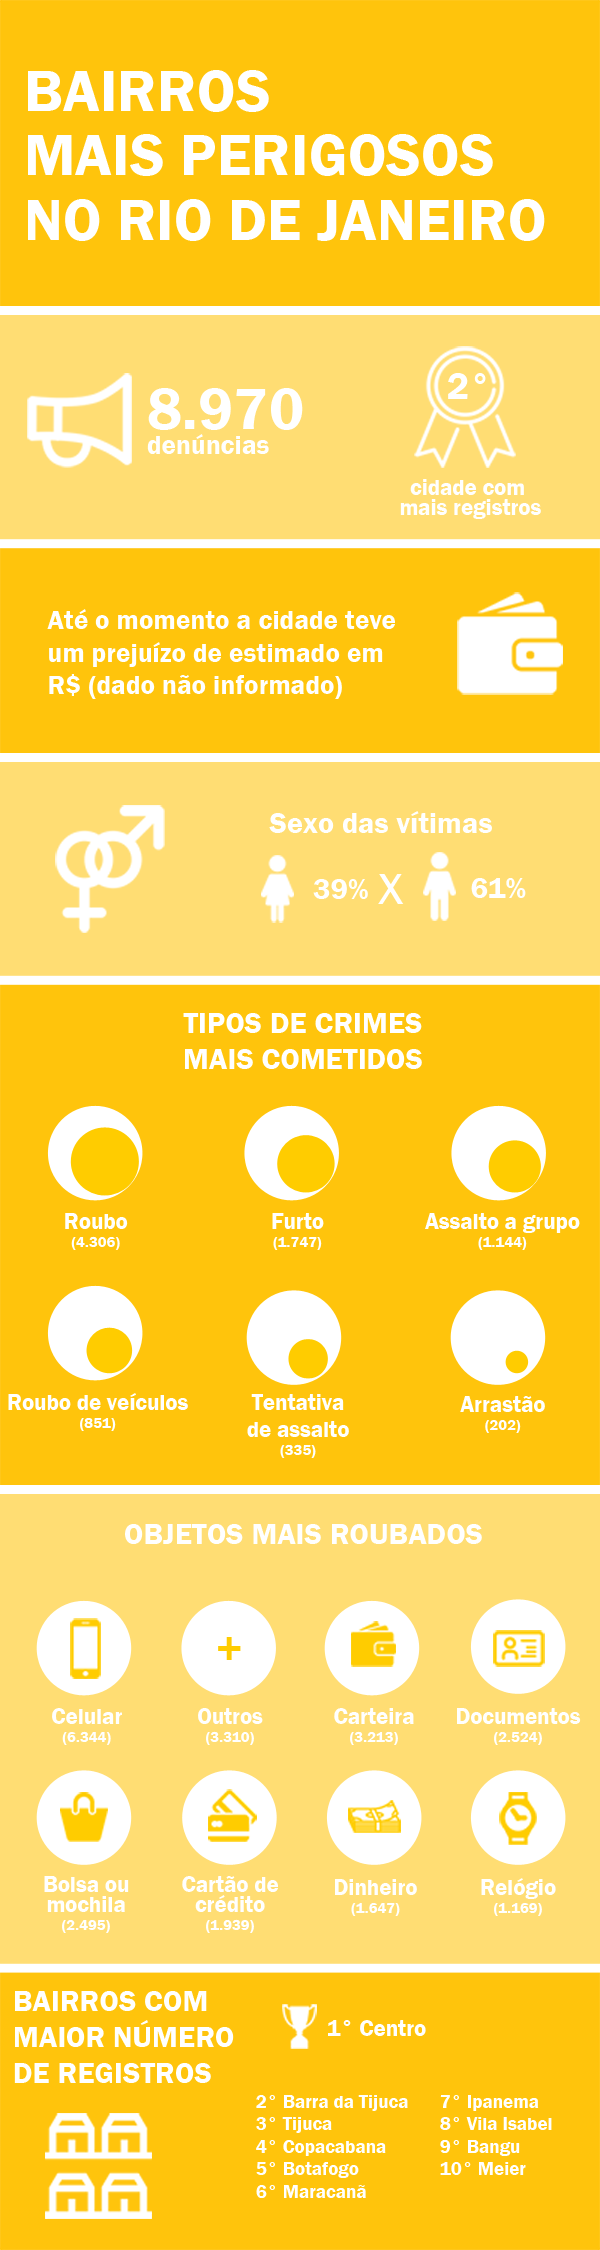 Infográfico dos bairros mais perigosos no Rio de Janeiro